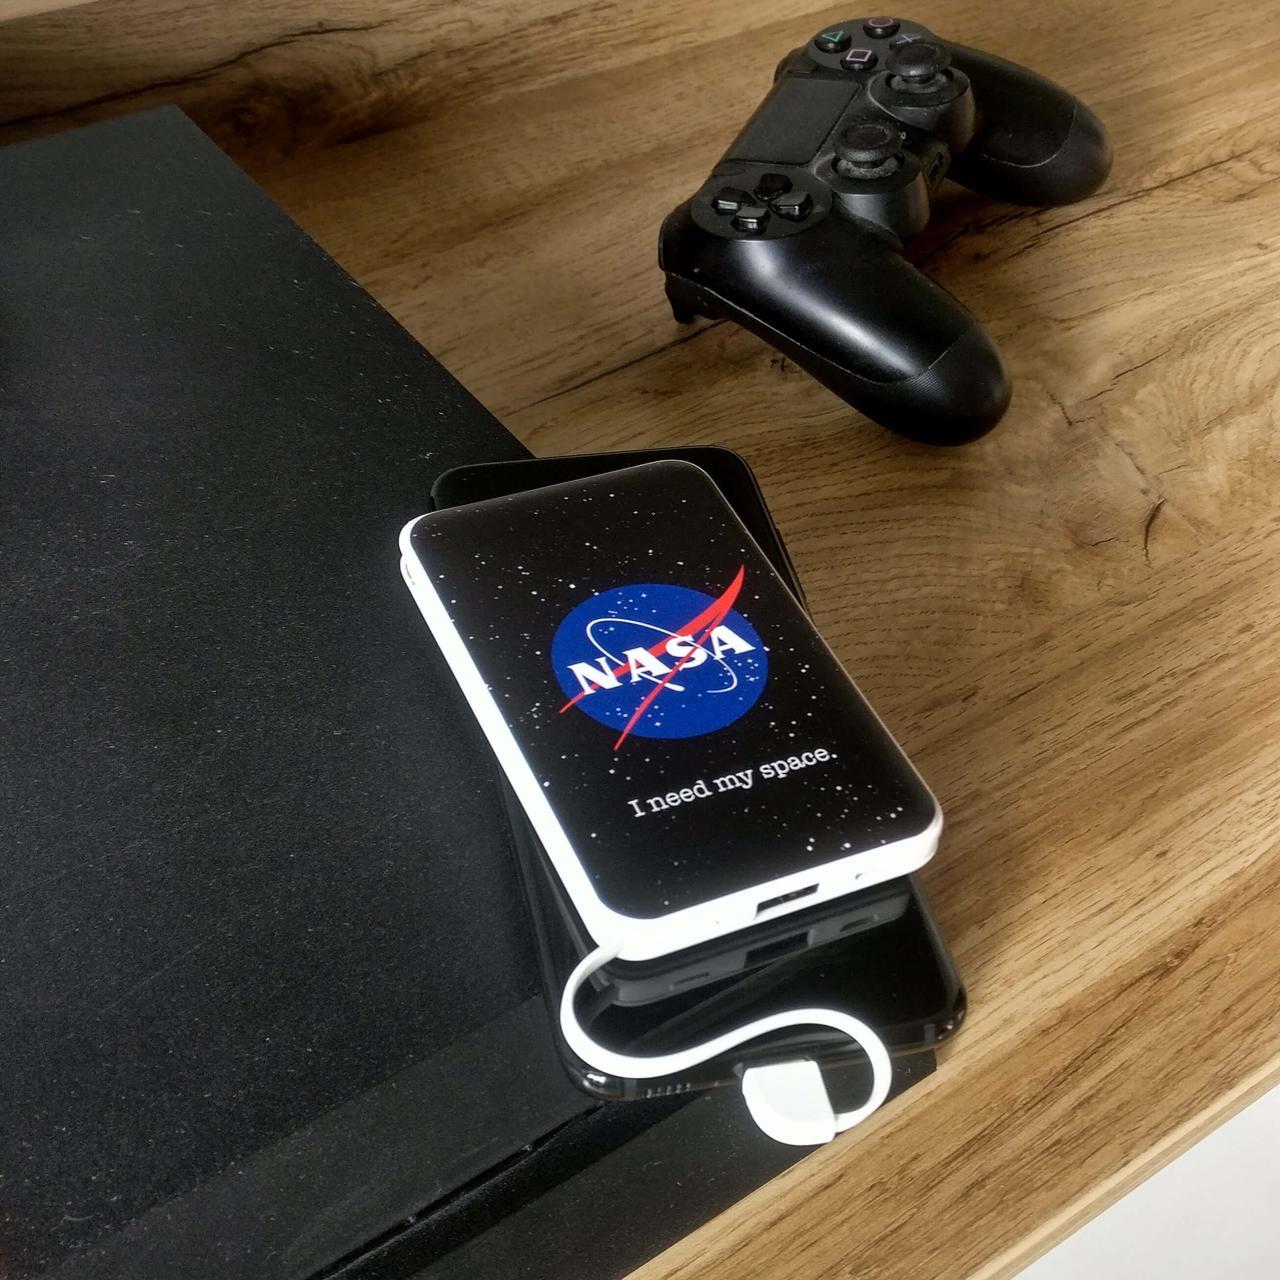 Повербанк с рисунком ZIZ НАСА 5000 mAh Powerbank, повер банк, power bank, портативный аккумулятор